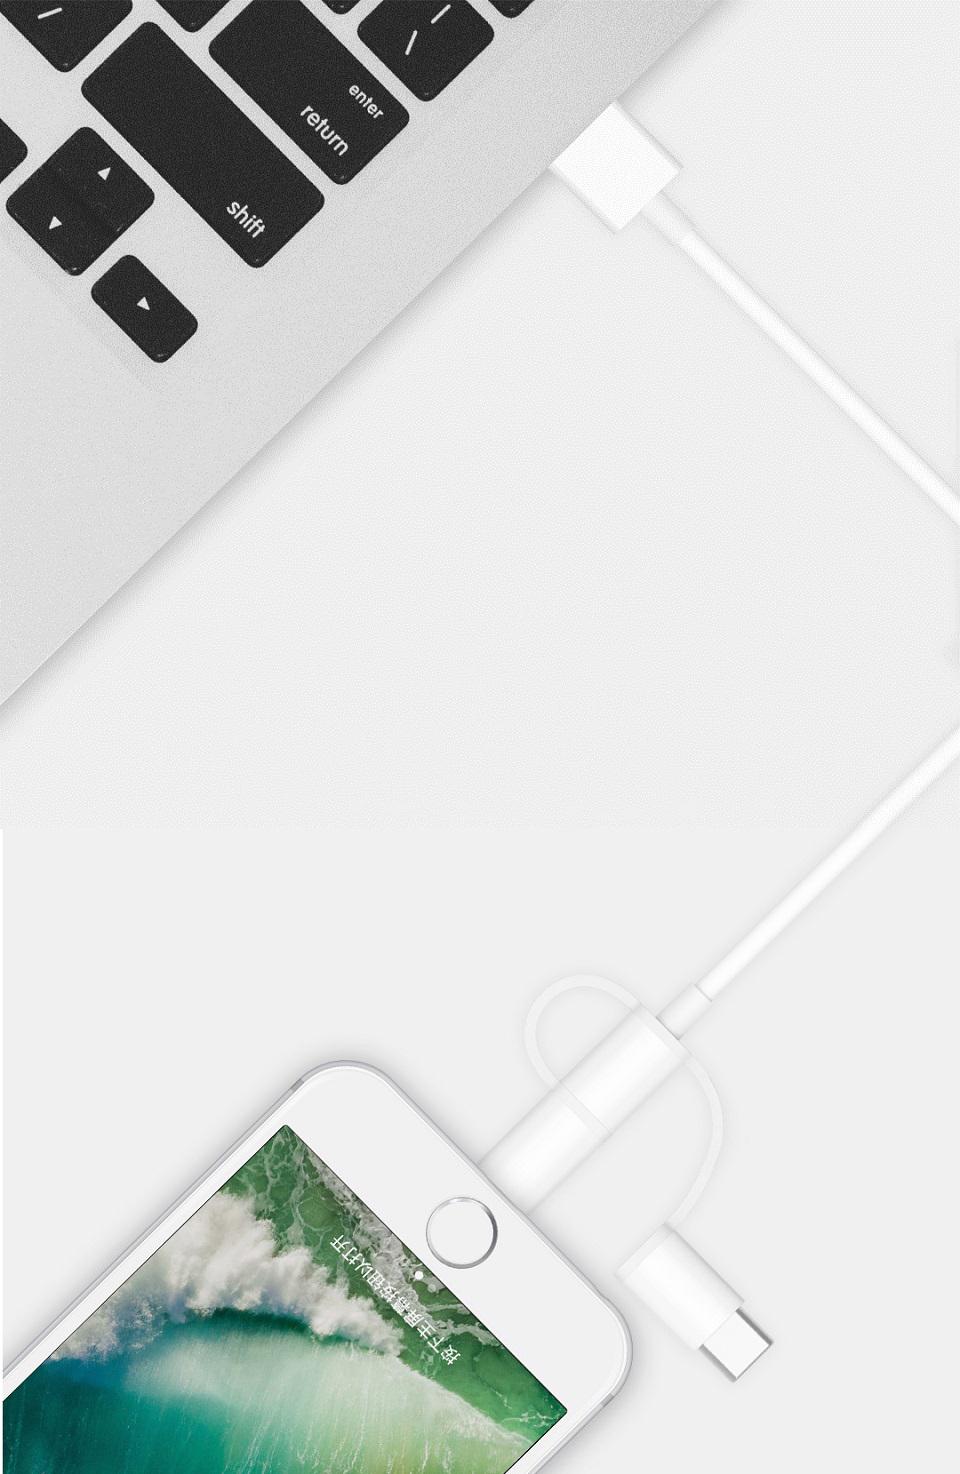 Кабель Zaofeng 3-Way Data cable Lightening/Type-C/Micro USB White 100 cm подключение к двум девайсам